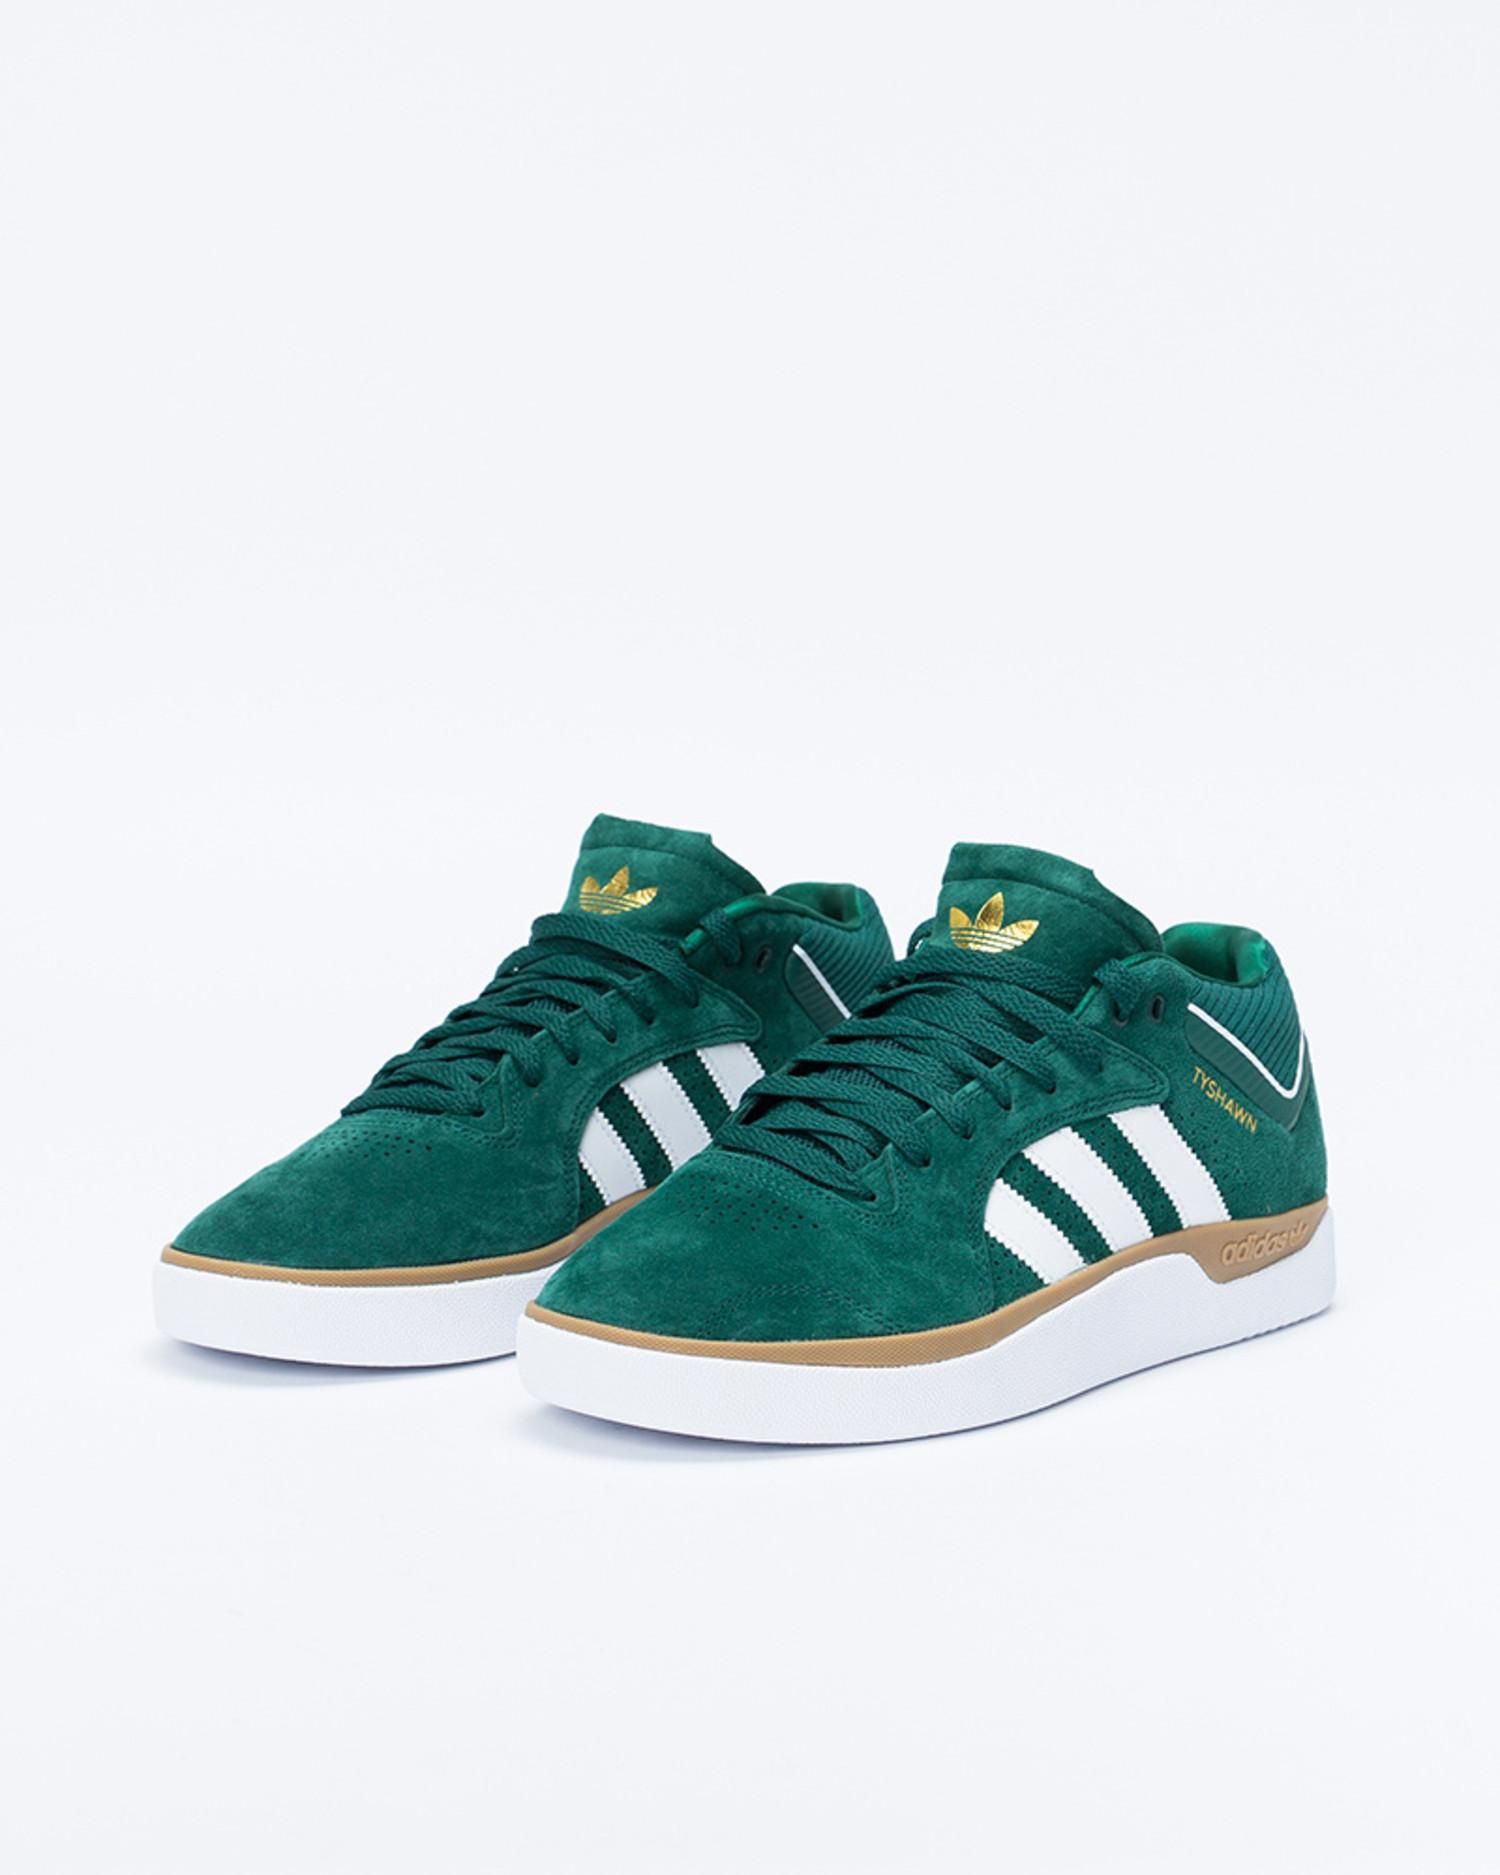 Adidas Tyshawn Cgreen/Ftwwht/Gum4